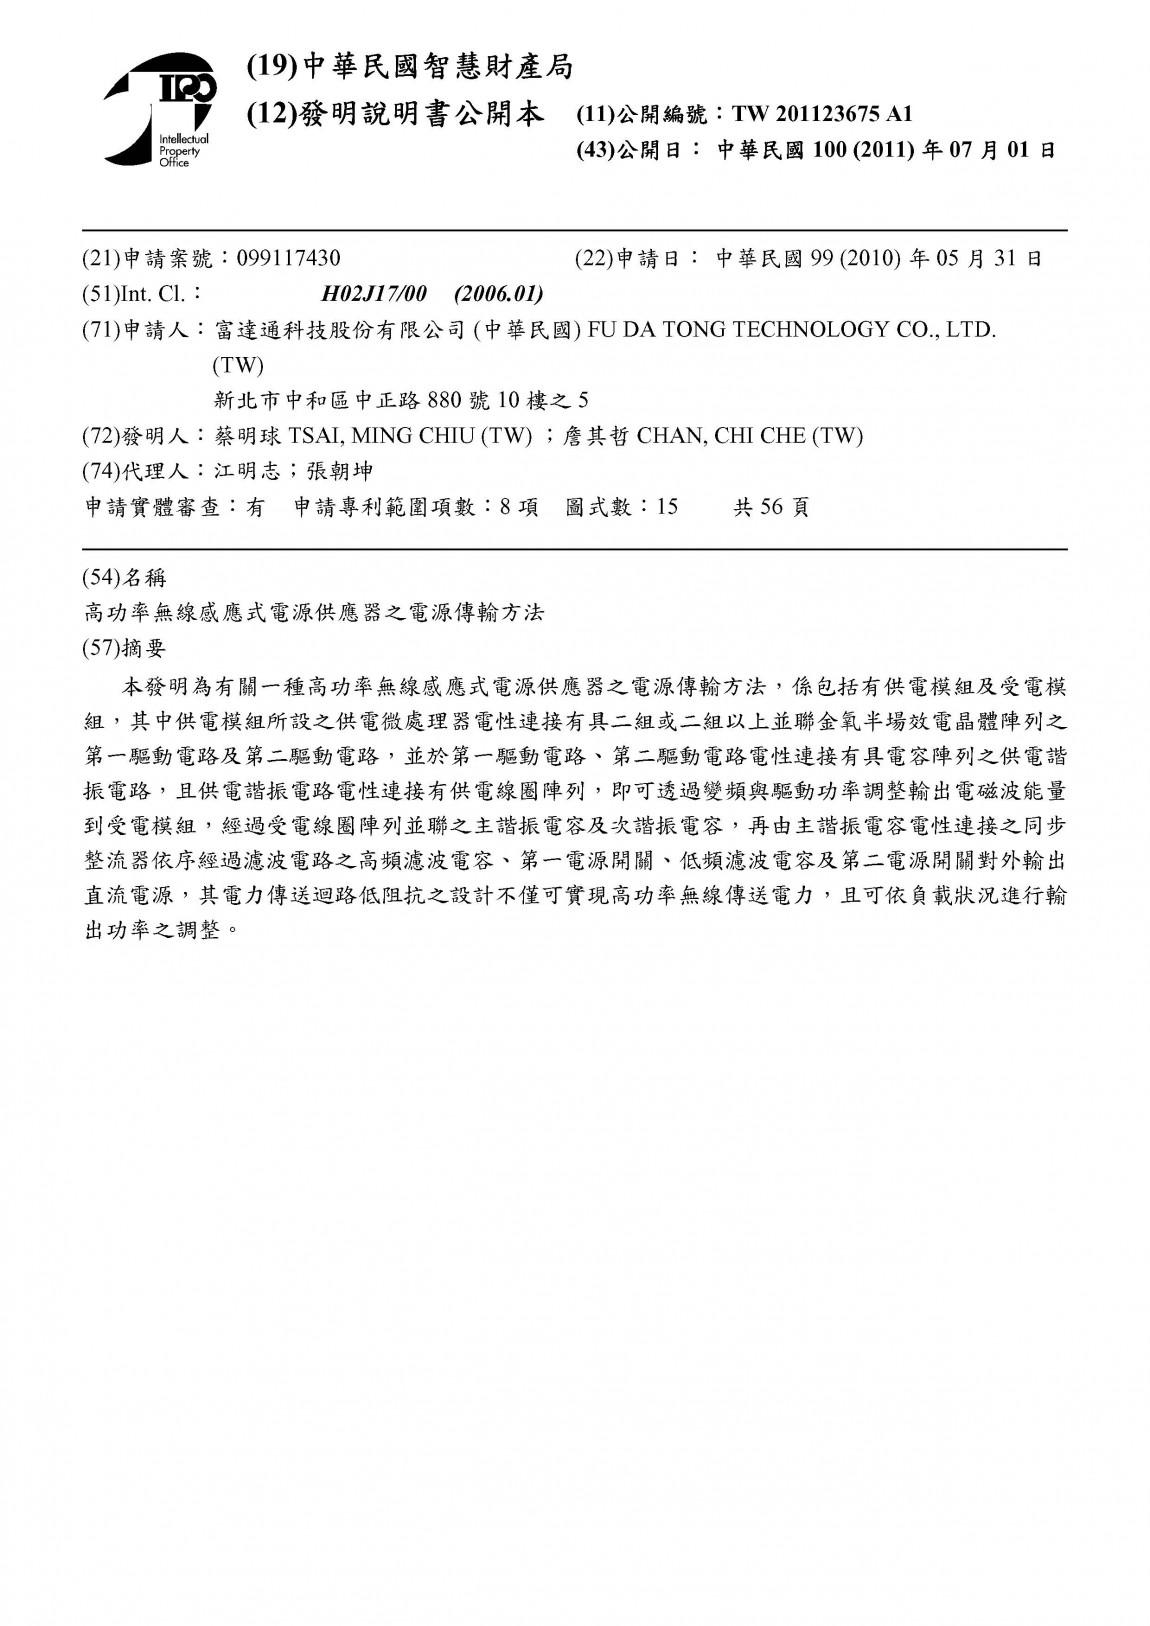 富達通專利08-高功率無線感應式電源供應器之電源傳輸方法(台灣)201123675